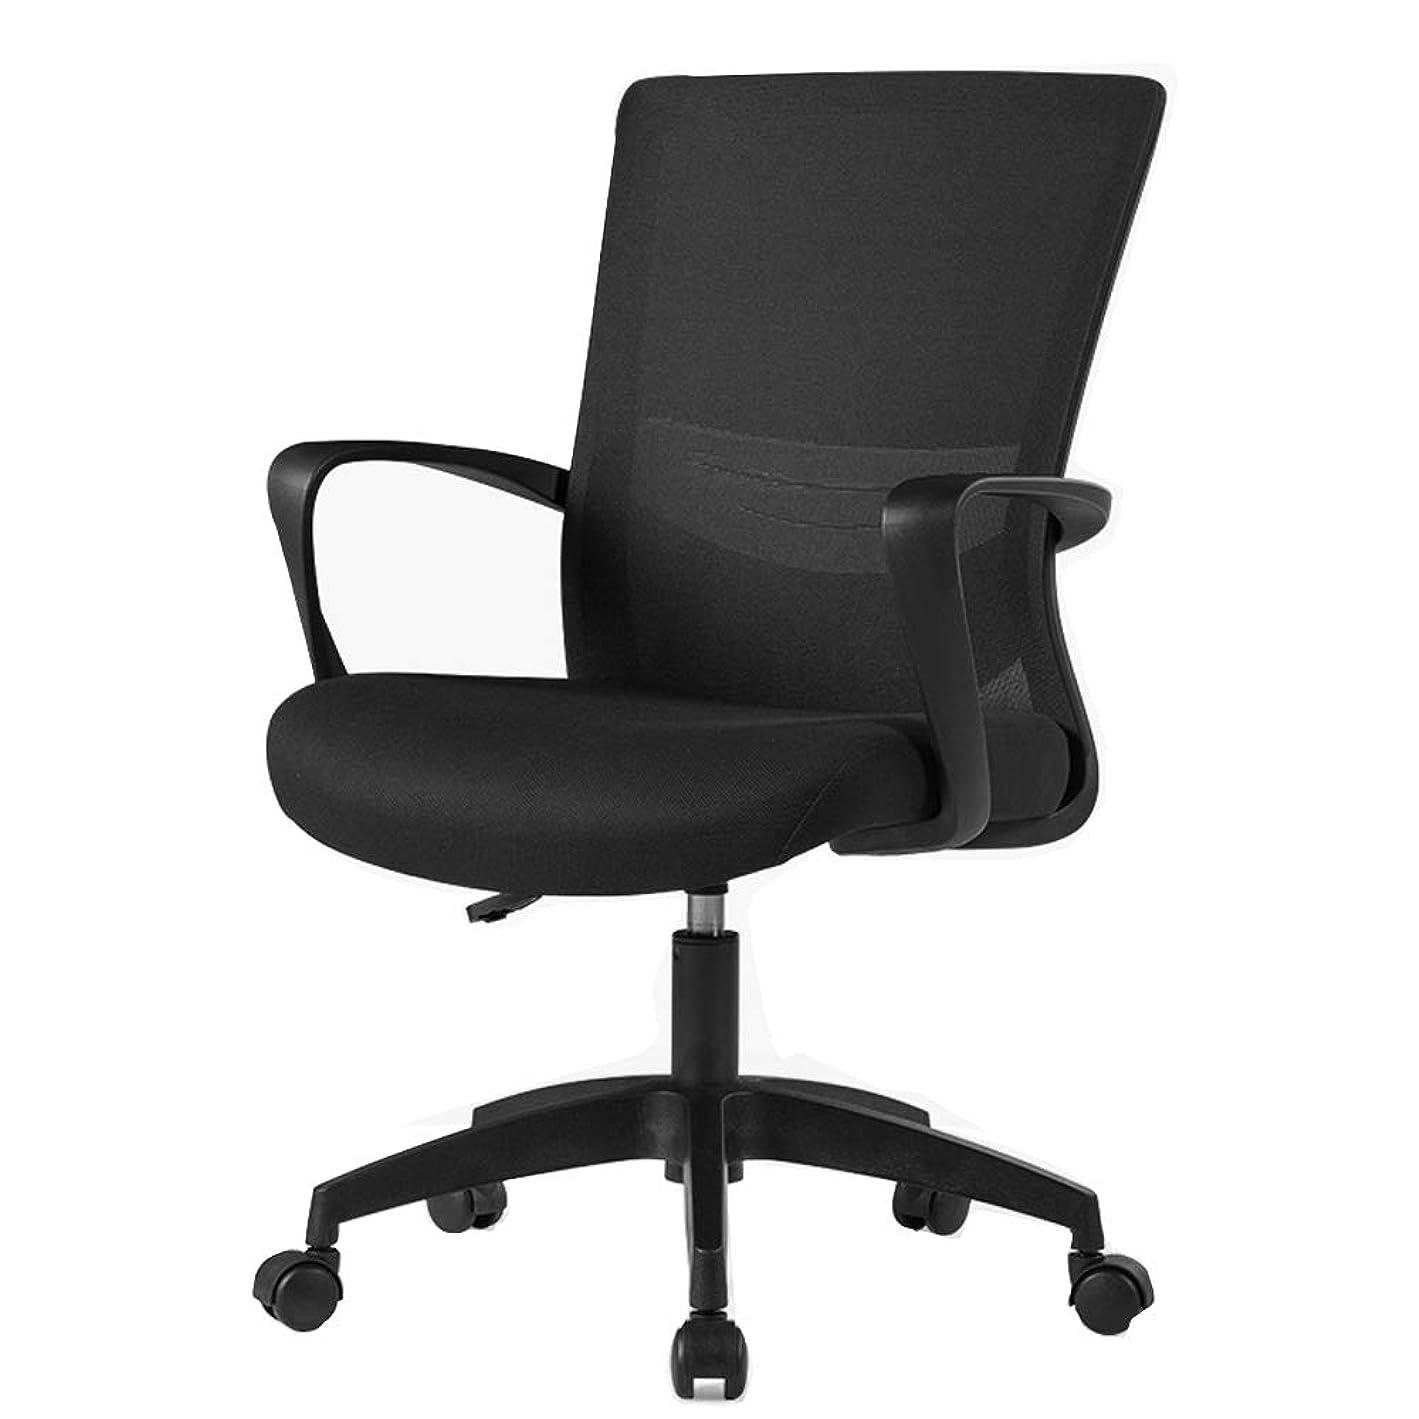 バレーボールレンチ関係オフィスチェアビジターチェアコンフォートランバーサポートアームレスト人間工学に基づいたオフィスチェア太いパッド入りの大きなシートで360°回転(ブラック)